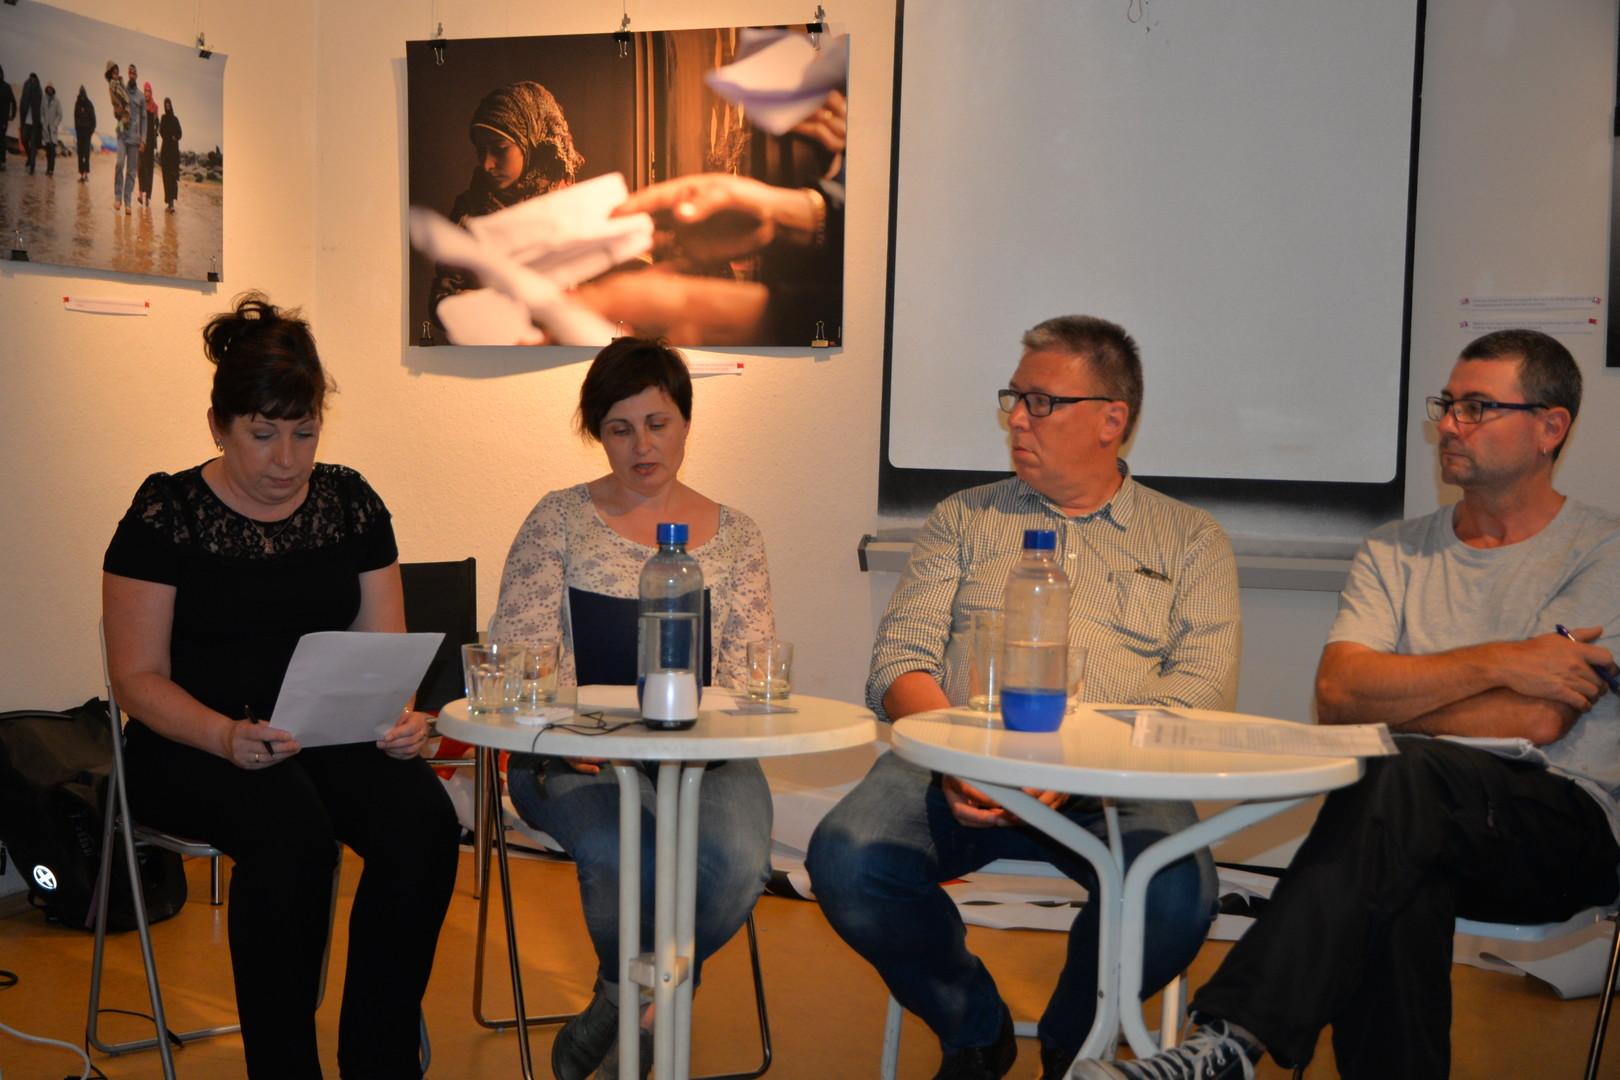 Veranstaltung in der Galerie Olga Benario in Berlin Neukölln: Uliana Kotsaba, zweite von links, der Journalist Reinhard Lauterbach dritter von links sowie der Aktivist und Journalist Frank Brendle.